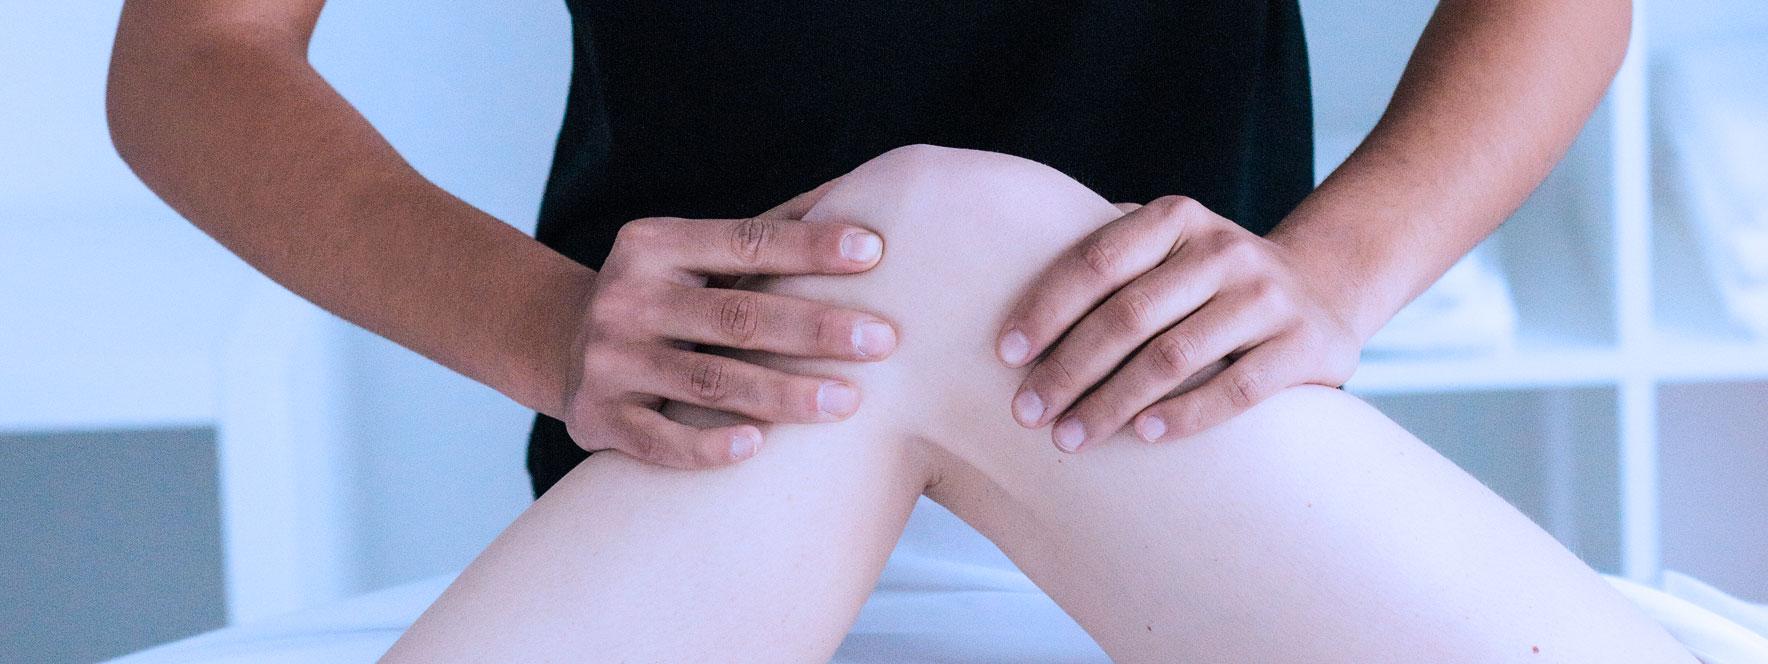 Le syndrome fémoro-patellaire - Blogue du Réseau